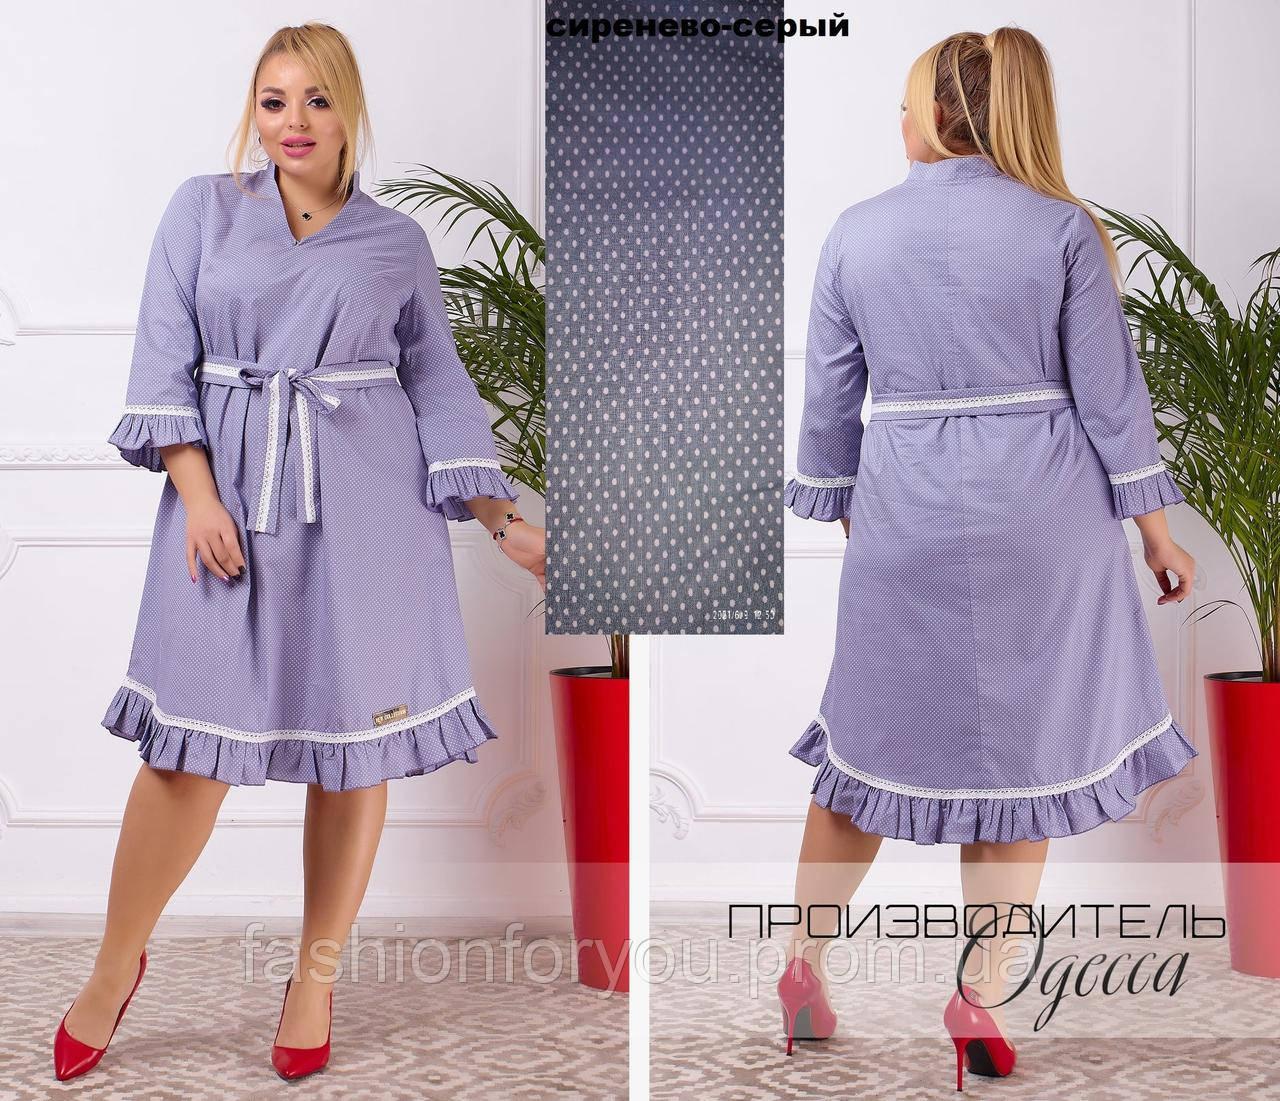 Сукня вільного крою, Рукав 3/4 оздоблення рюше мереживом, що надає сукні легкості